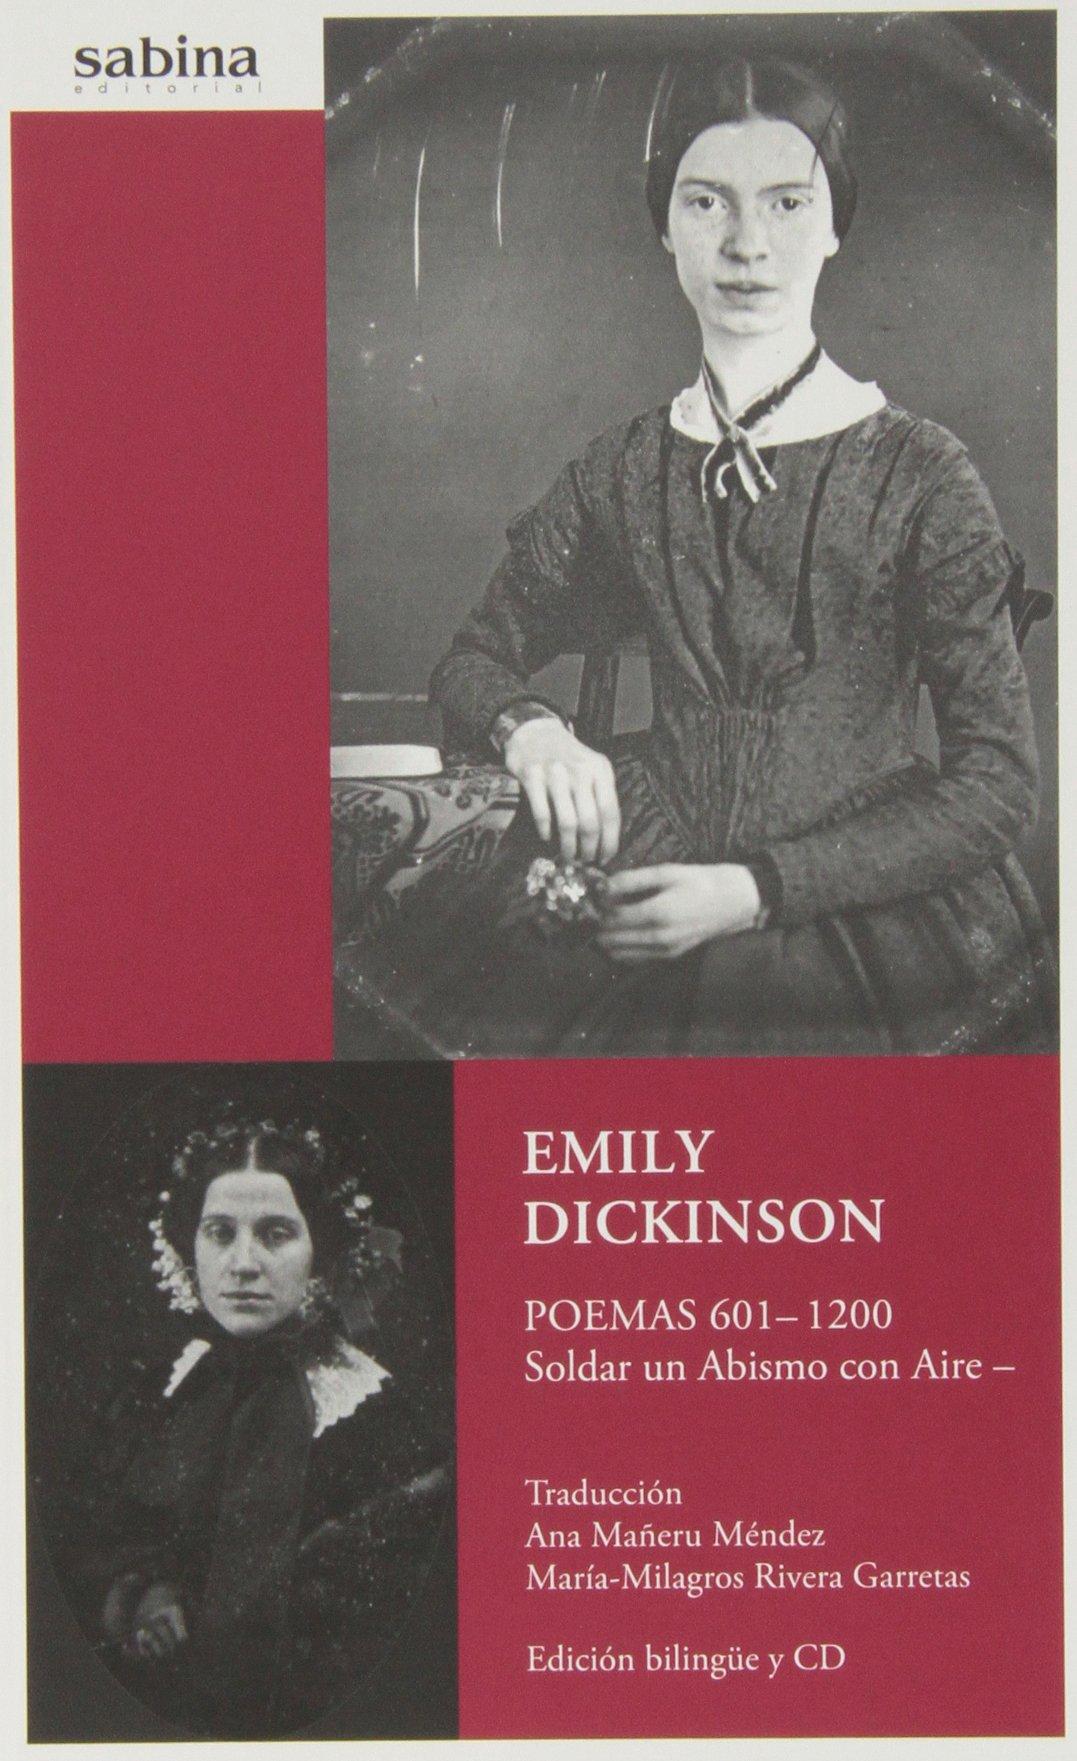 Poemas 601-1200 Soldar un Abísmo con Aire Poesía: Amazon.es: Emily Dickinson, Ana y Rivera Garretas, María-Milagros Mañeru Mendez, Kiki Bauer: Libros